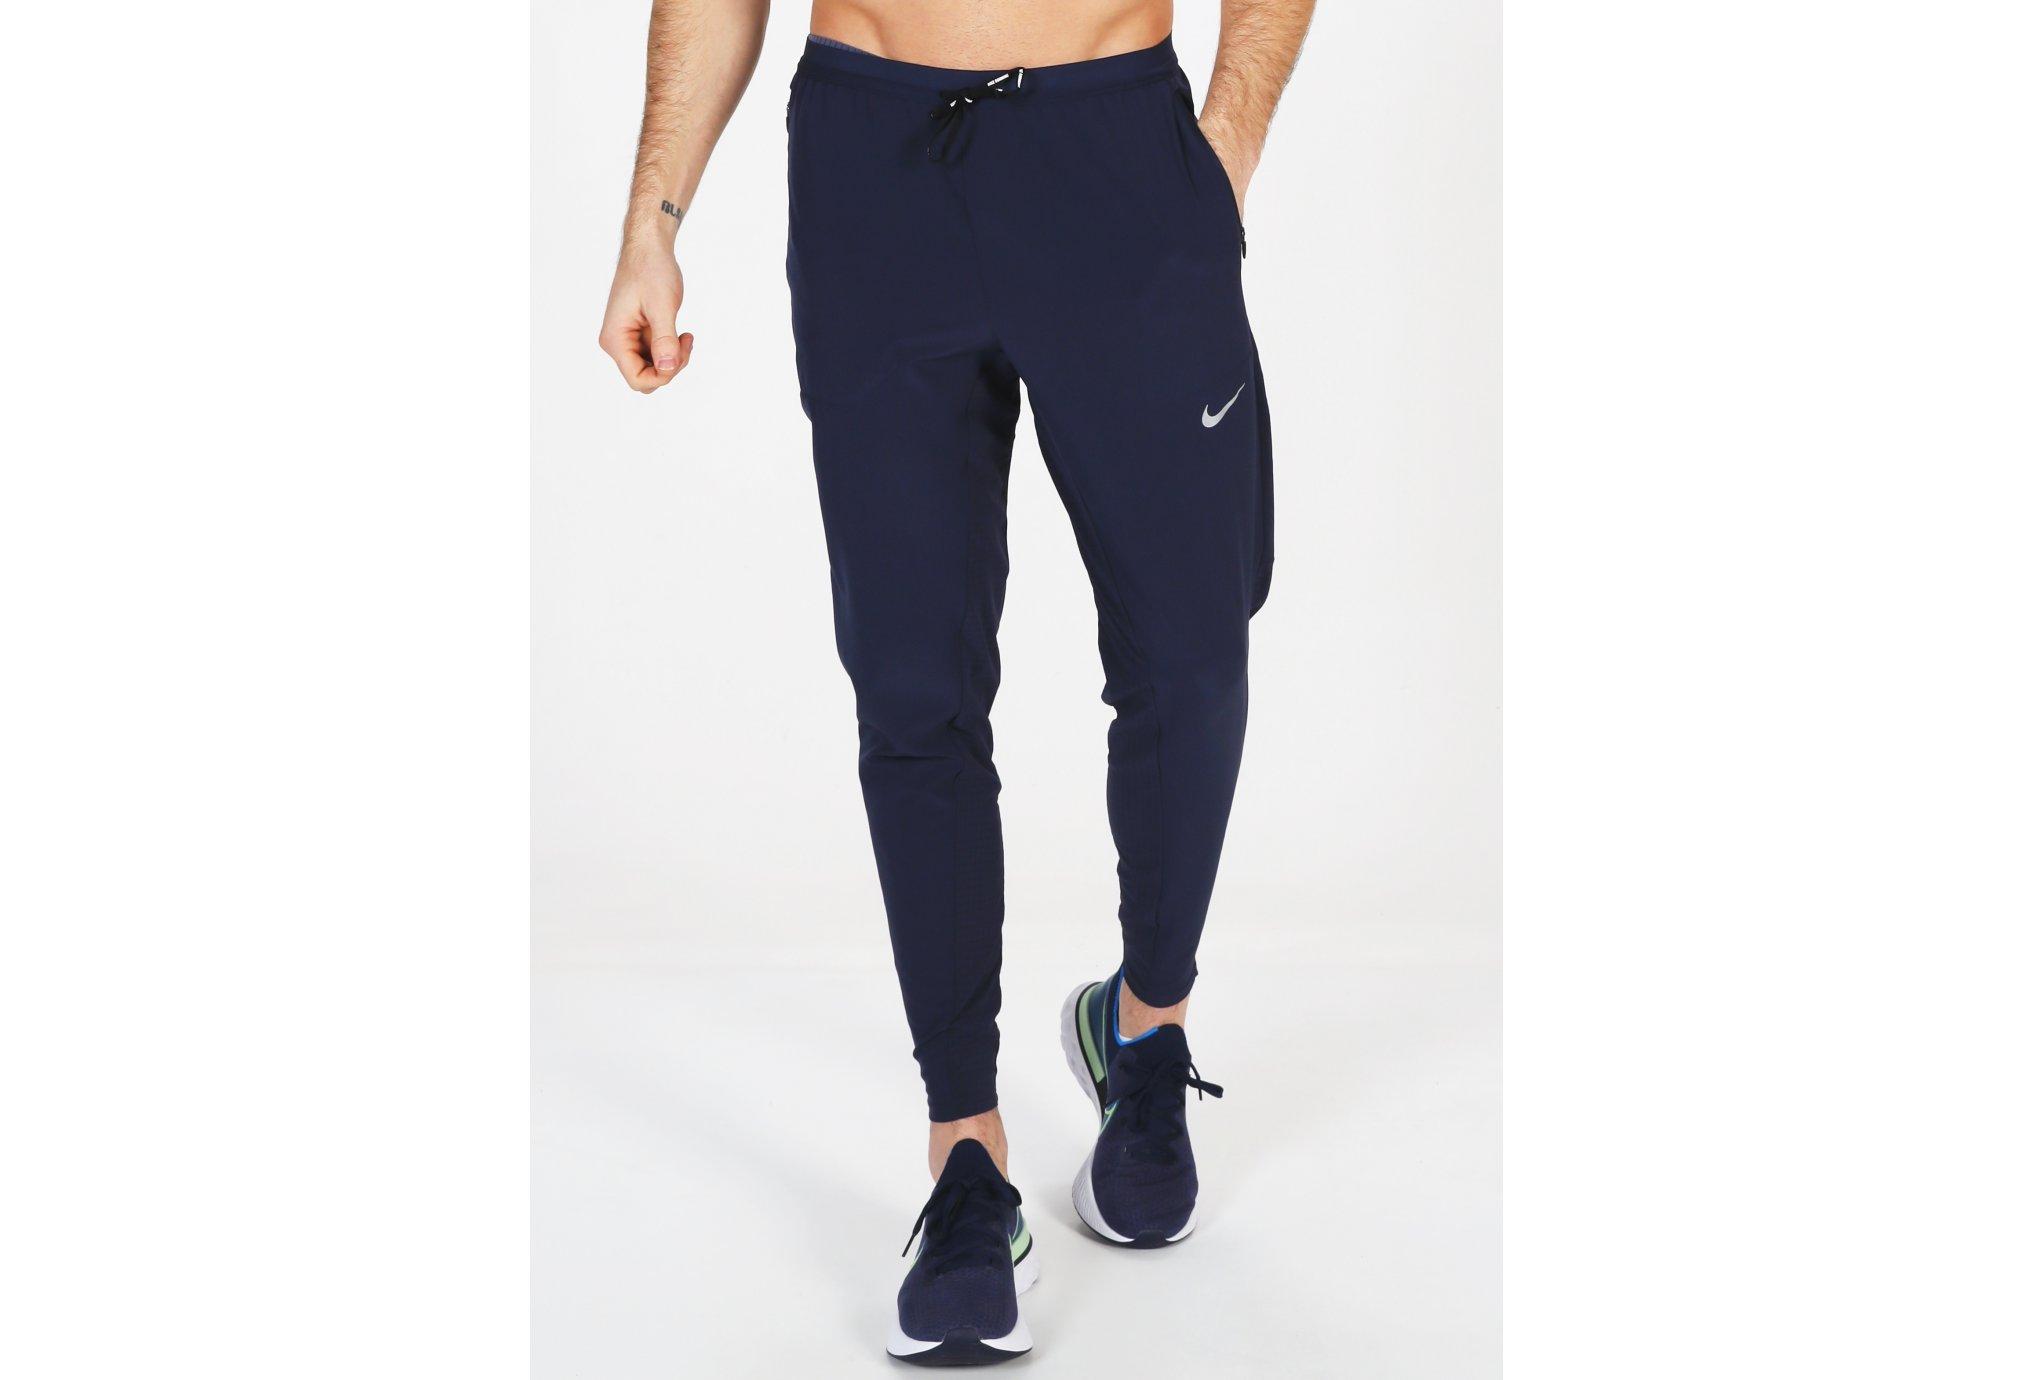 Nike Phenom Elite M vêtement running homme